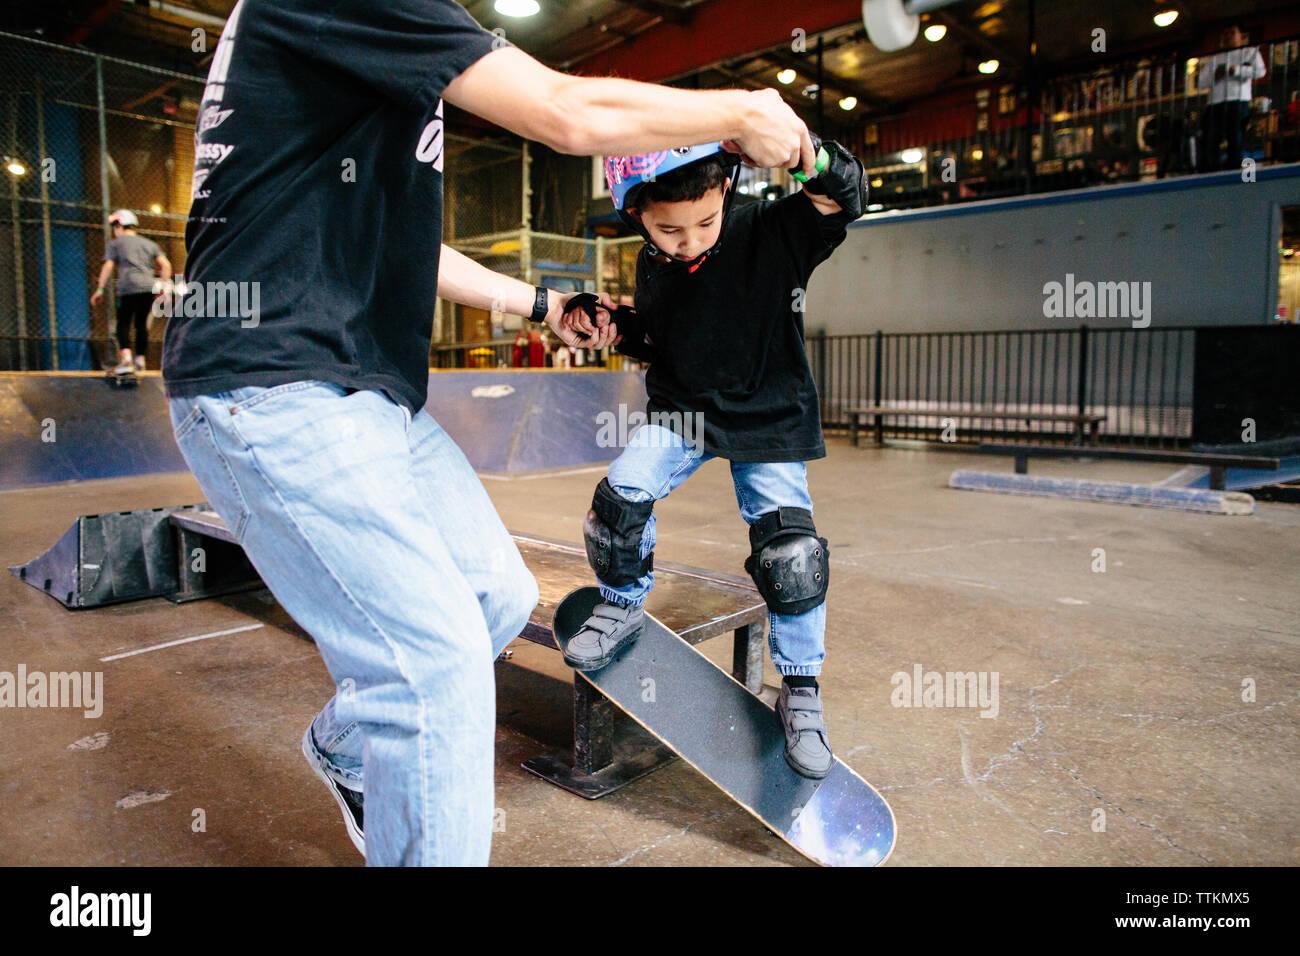 Joven toma un salto con la patineta mientras mantiene las manos del maestro Foto de stock